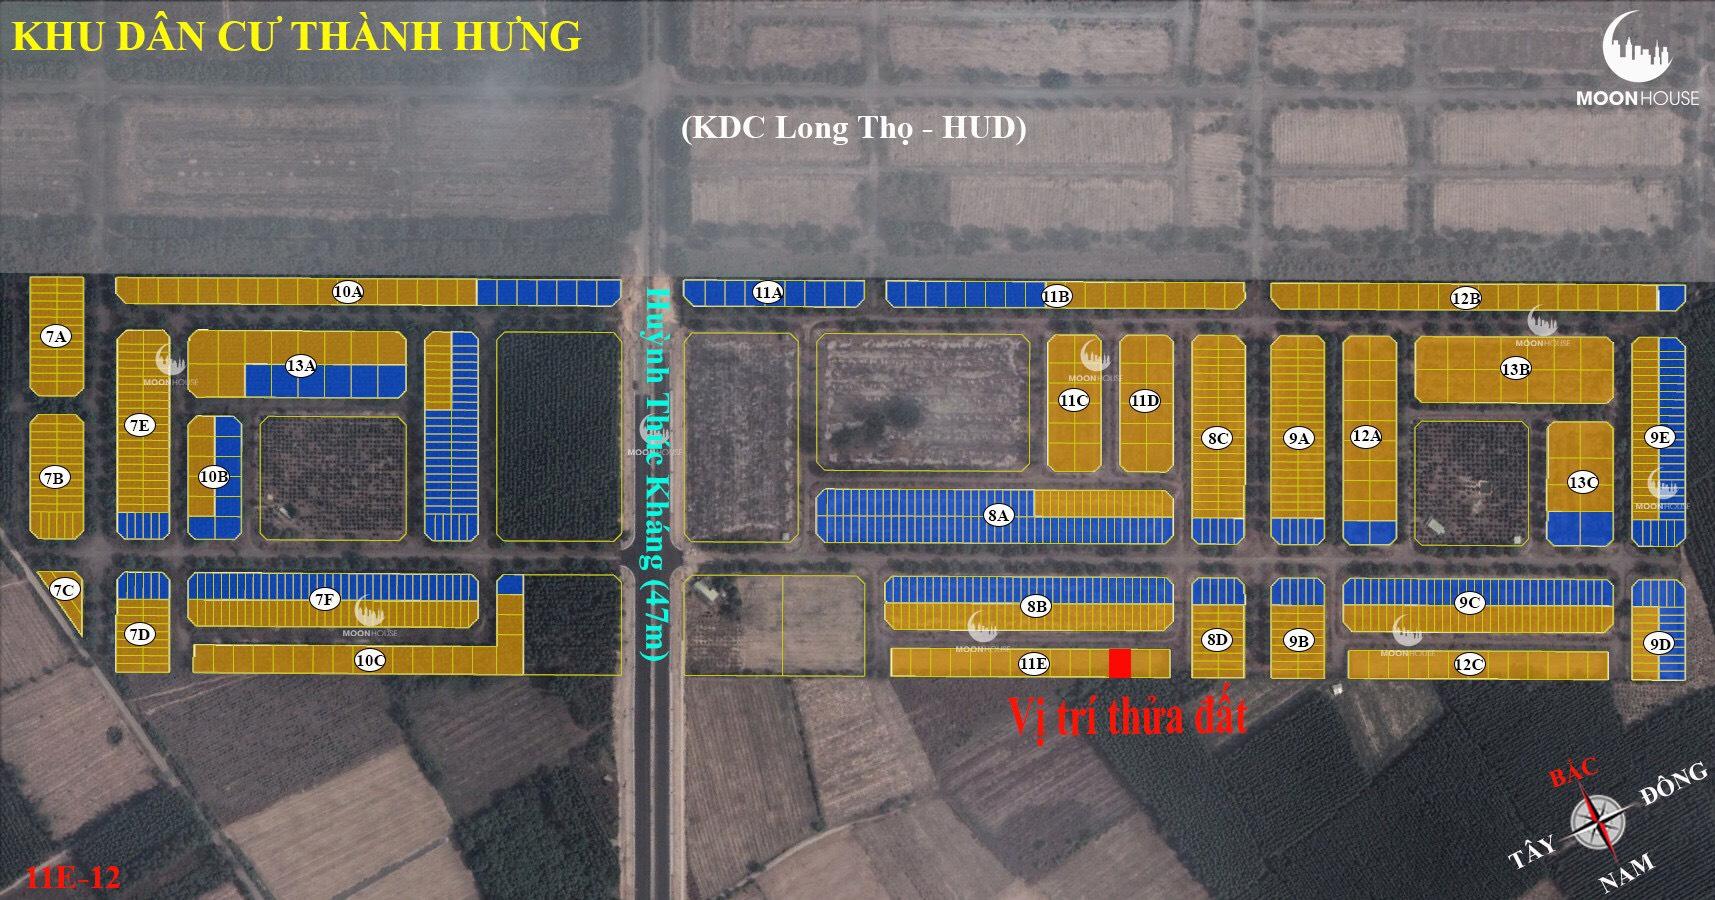 Bán đất diện tích: 316m2 , giá : 32tỷ , dự án Thành Hưng , sổ hồng , full thổ , chính chủ